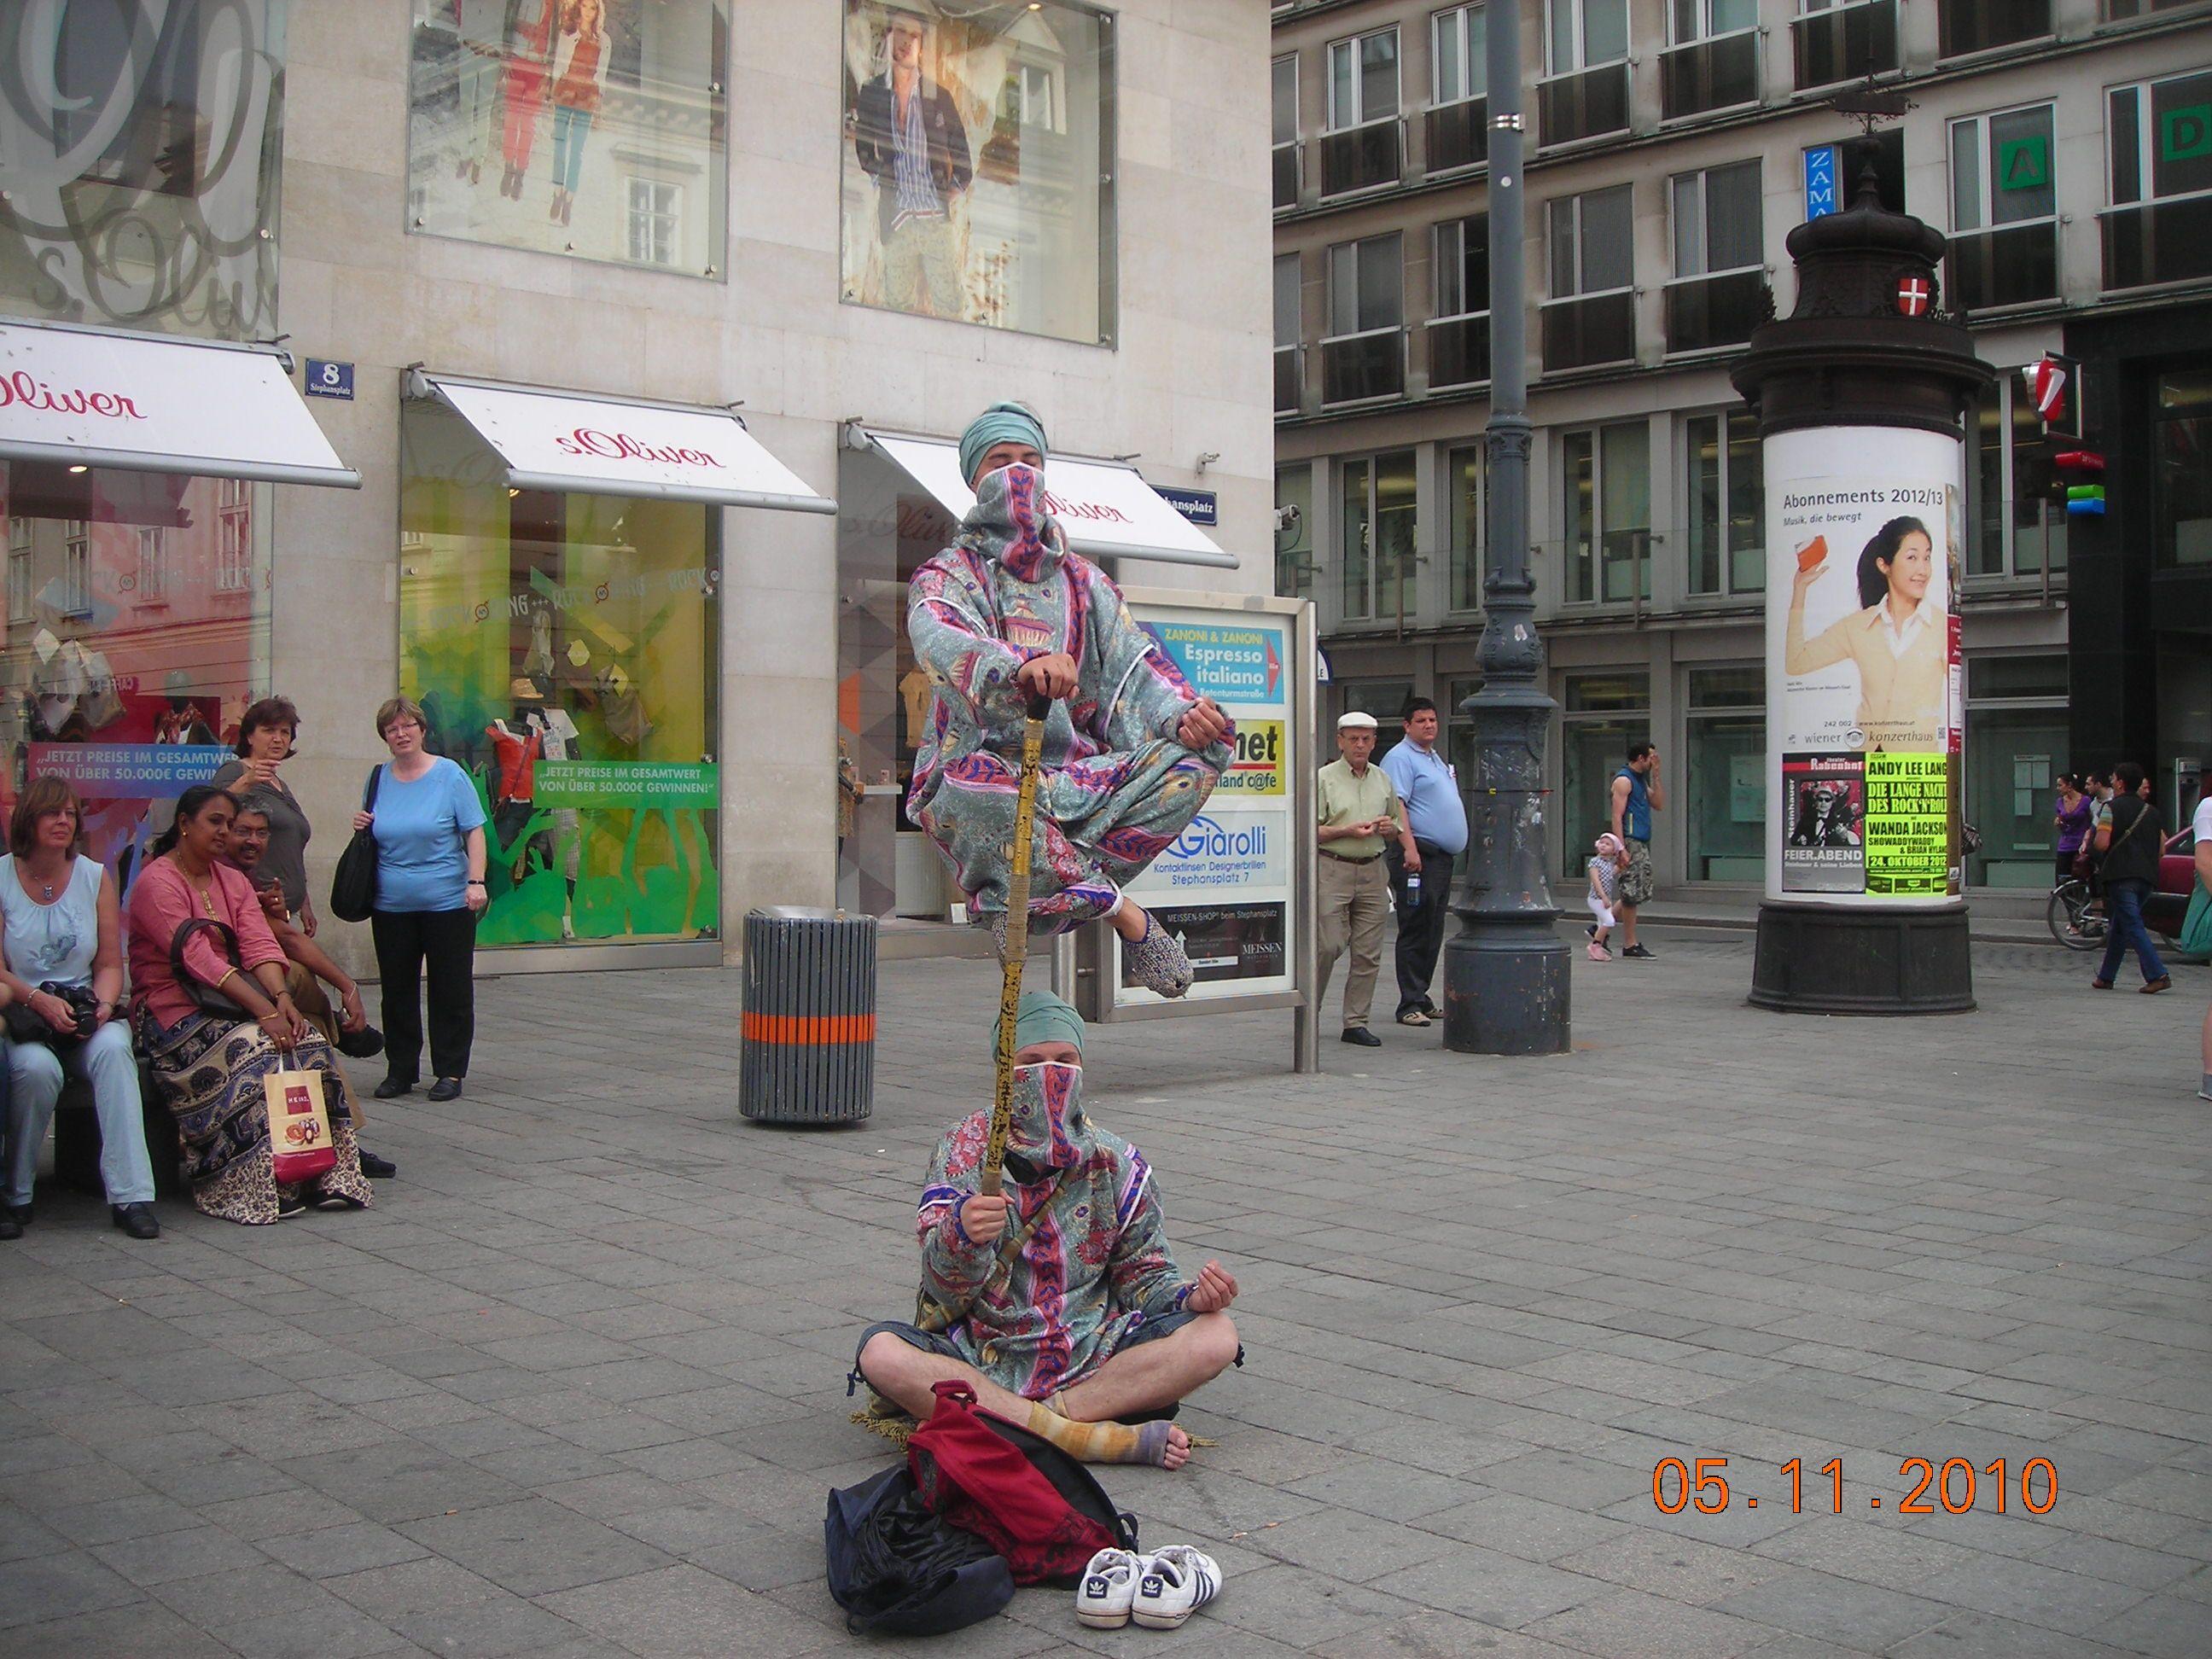 Arte popular por las calles de Viena- Austria